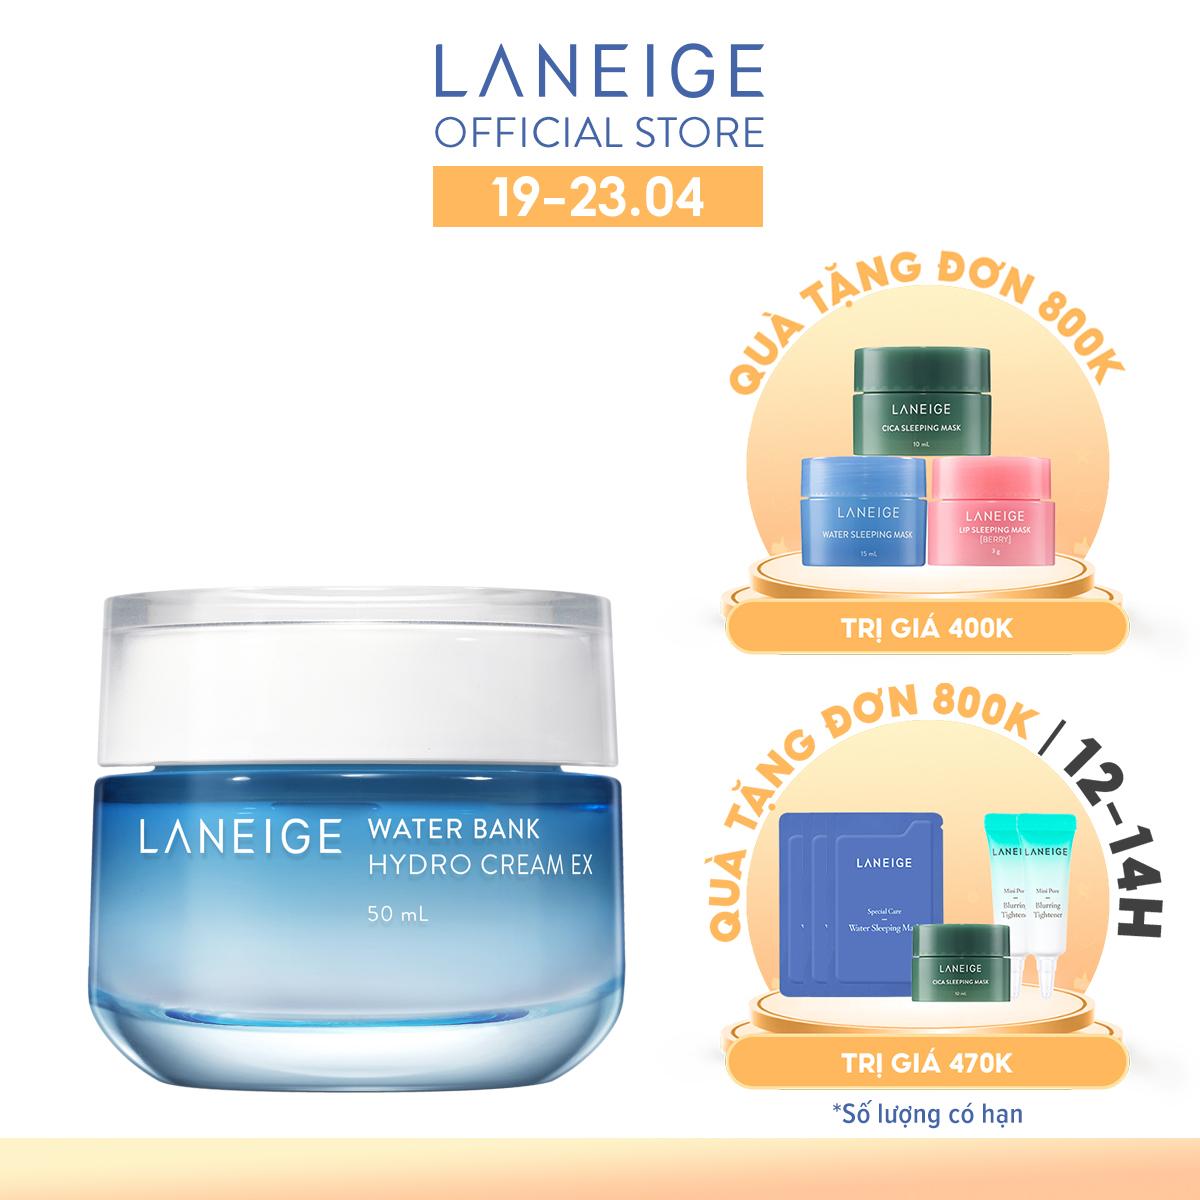 Kem dưỡng ẩm cho da dầu Laneige Water Bank Hydro Cream Ex 50ML - chính hãng